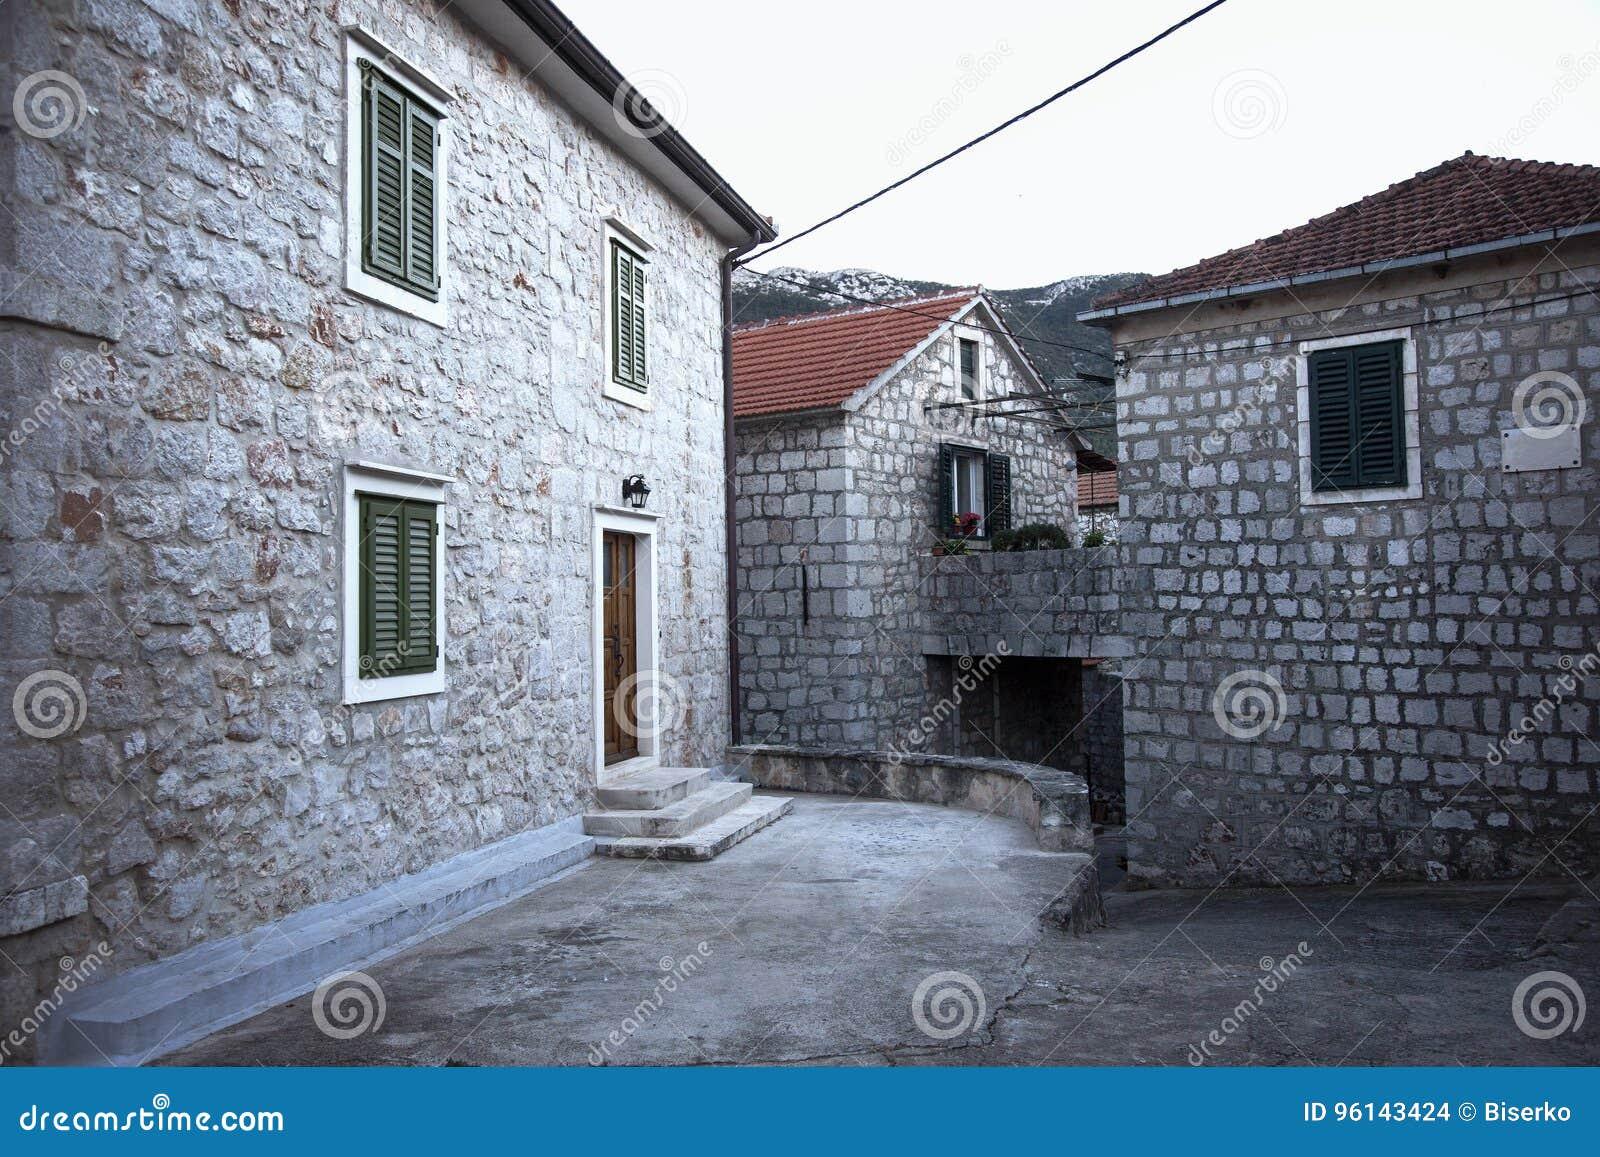 Case In Pietra Antiche : Case di pietra antiche all isola hvar immagine stock editoriale